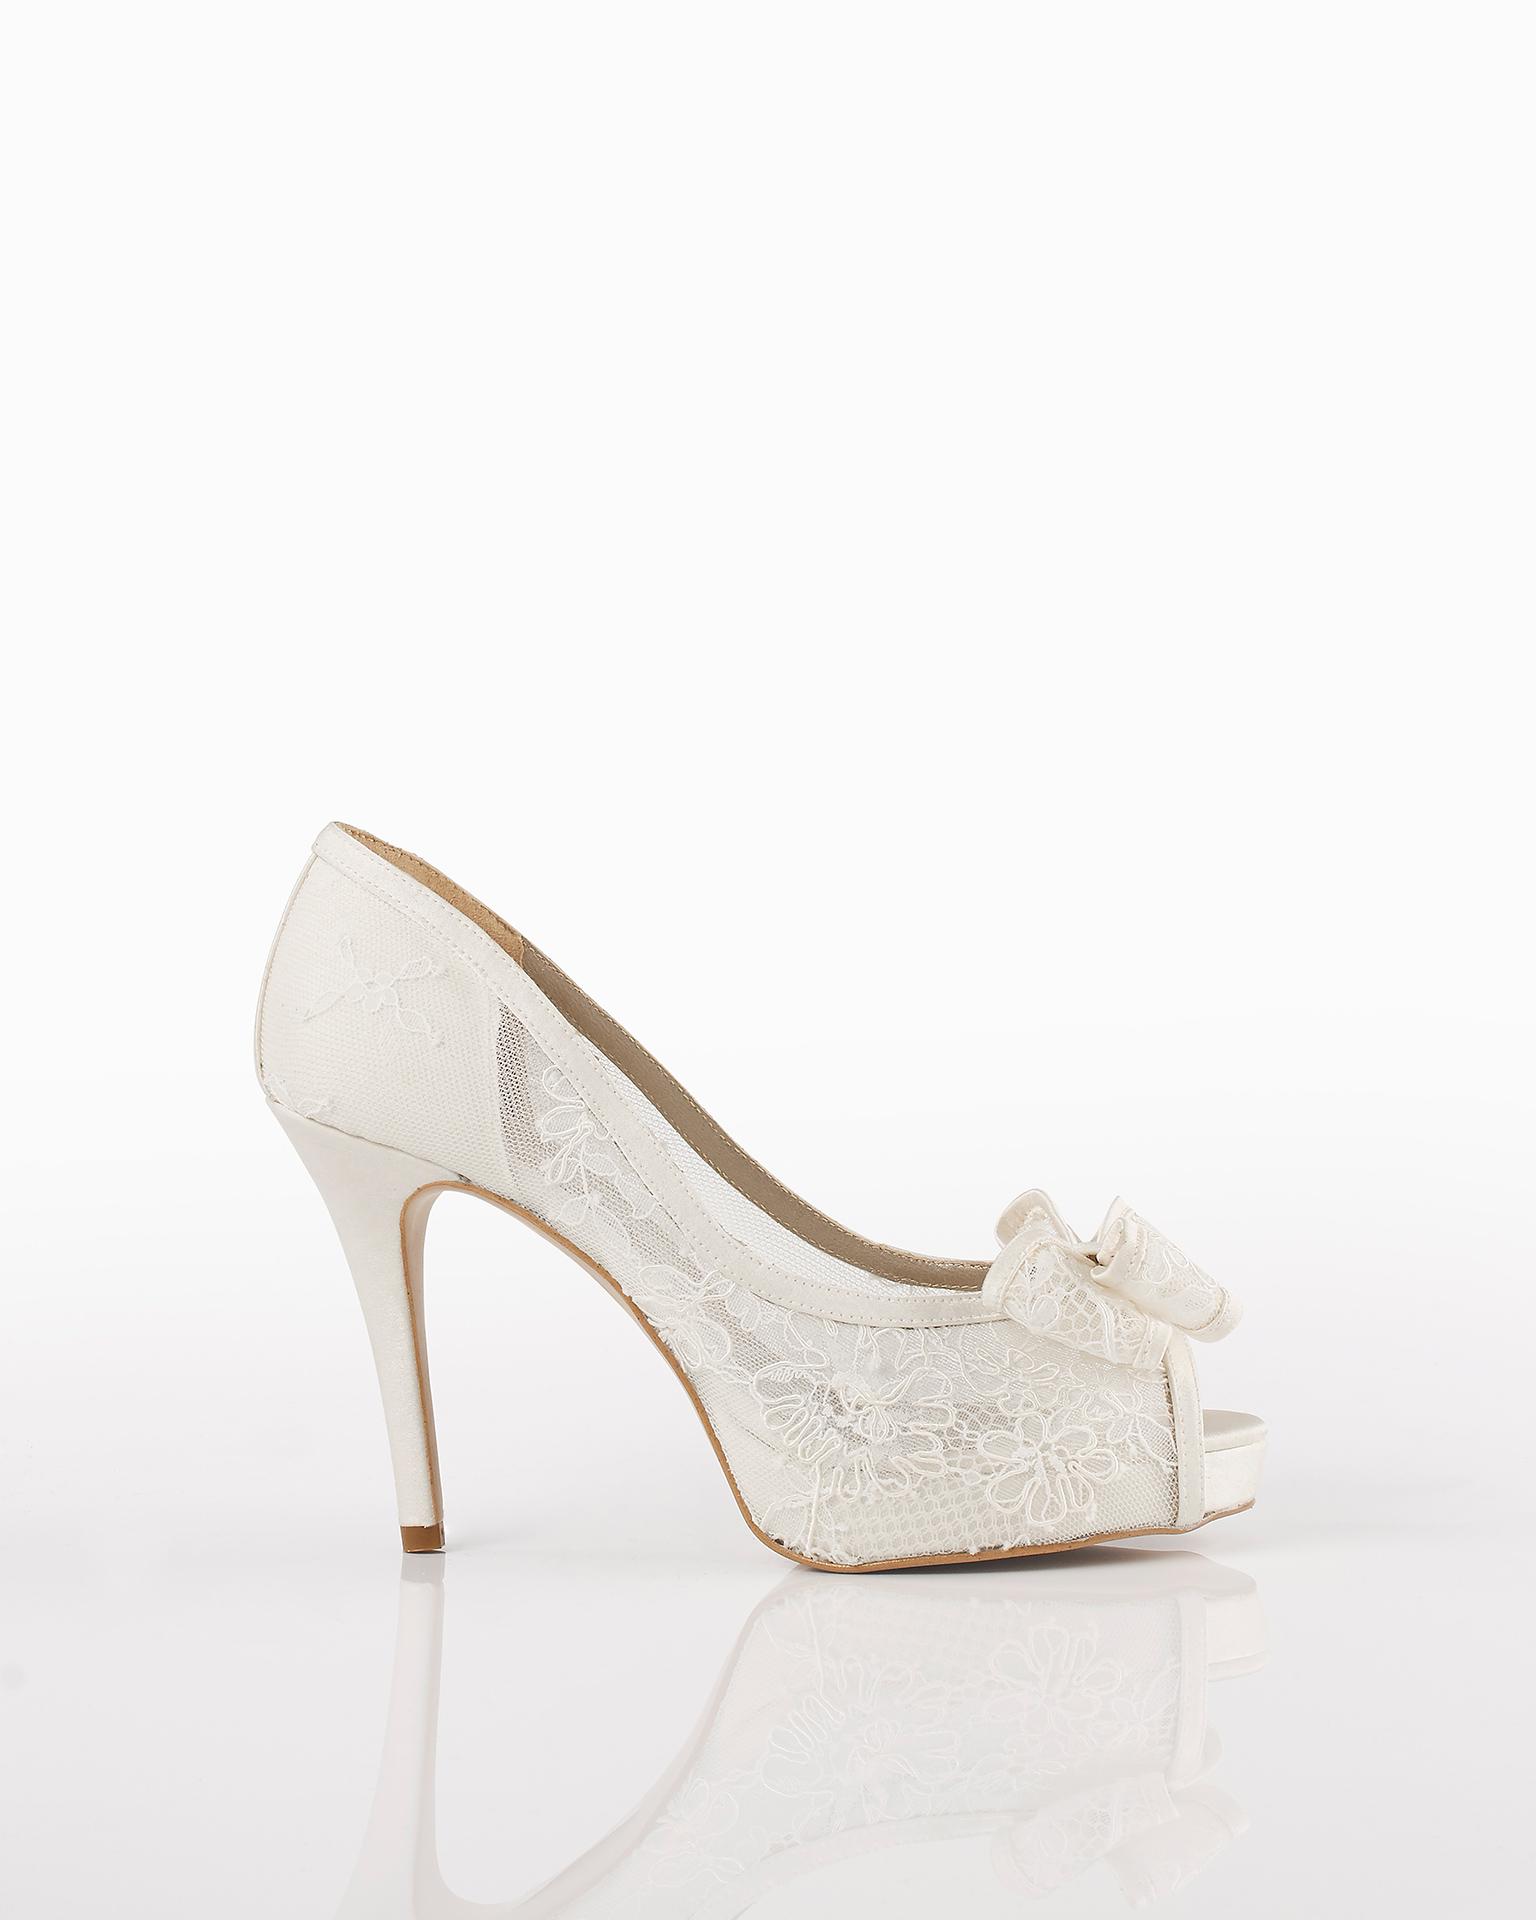 Sapato de renda noiva com salto de 90 mm, em cor natural. Coleção AIRE BARCELONA 2018.